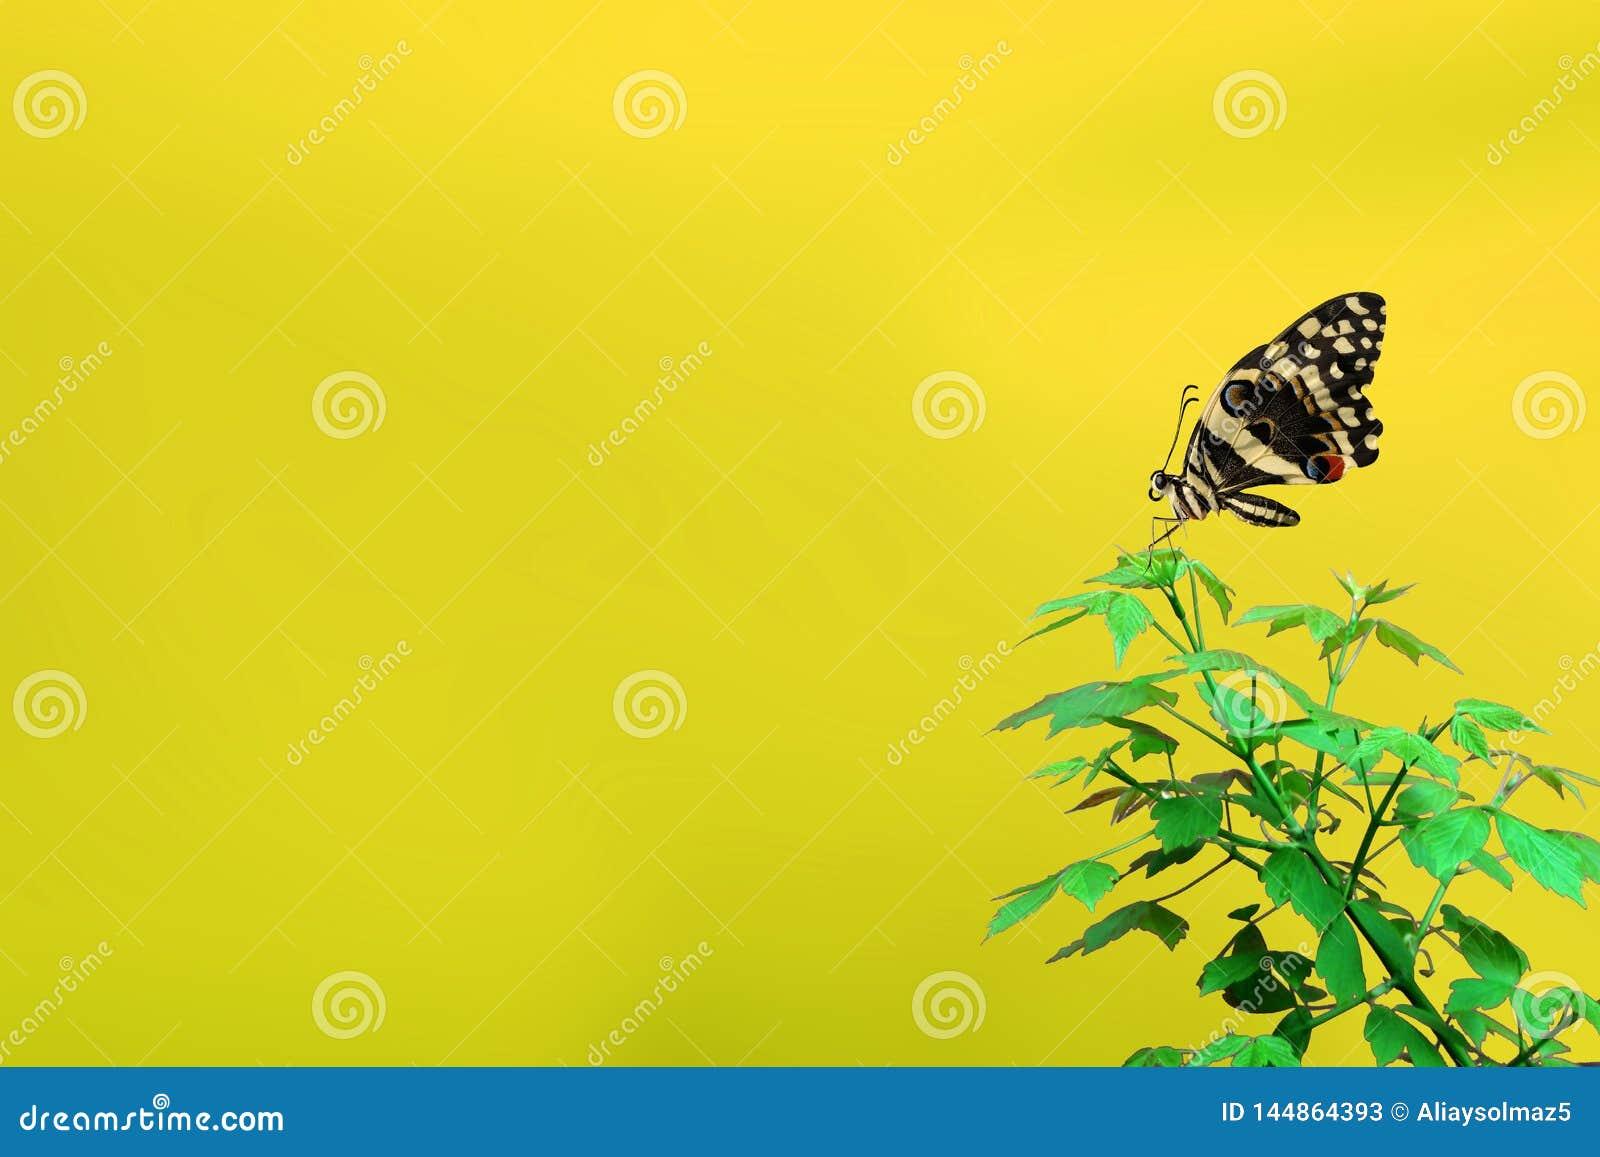 Concept de printemps, beau papillon et secteur vide pour le texte